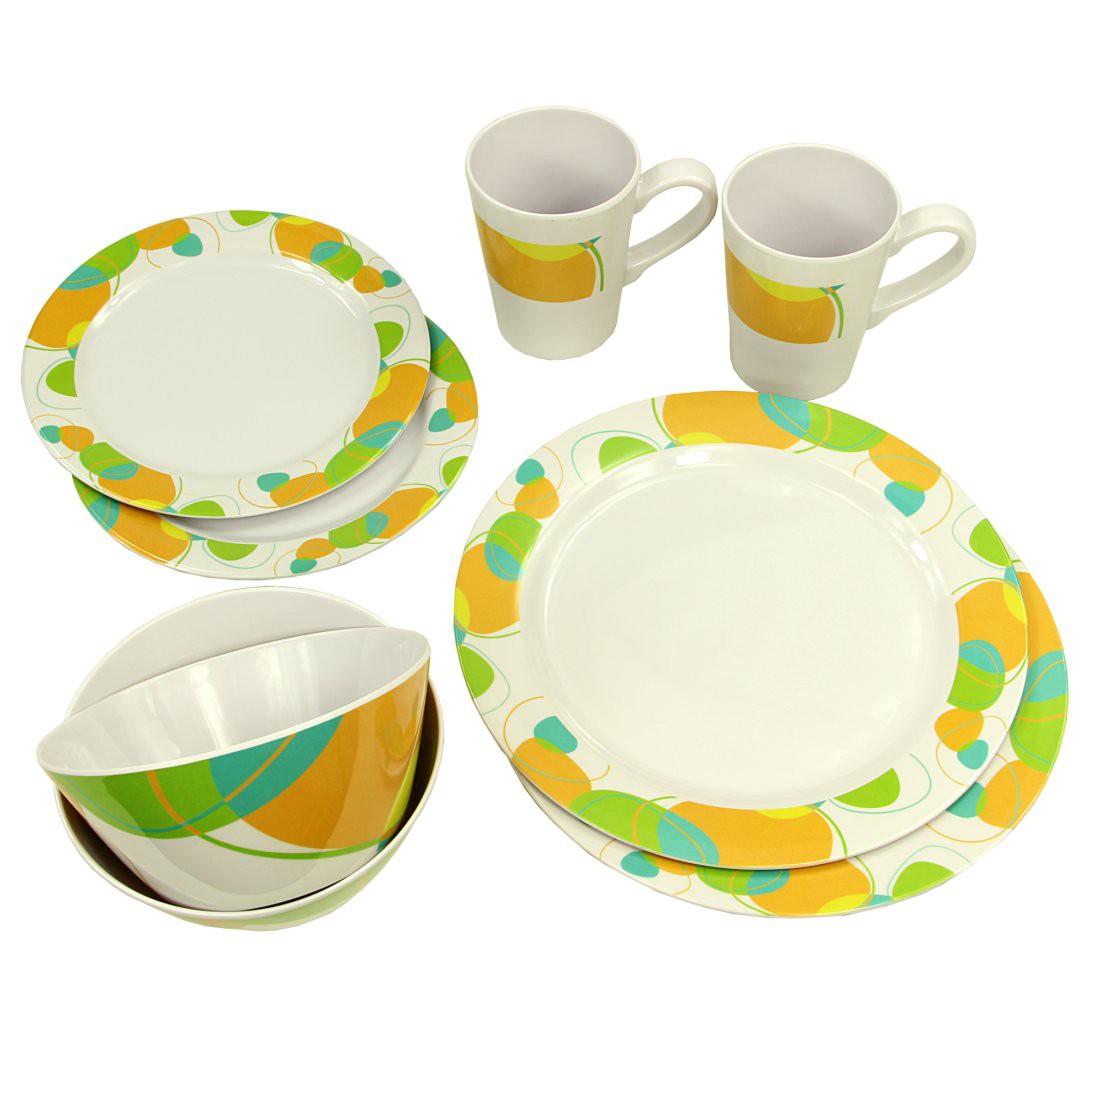 10t Arvon Dinnerware 8 Teiliges Melamine Geschirr 2 Becher 4 Teller In 2 Grossen 2 Schusseln Campout